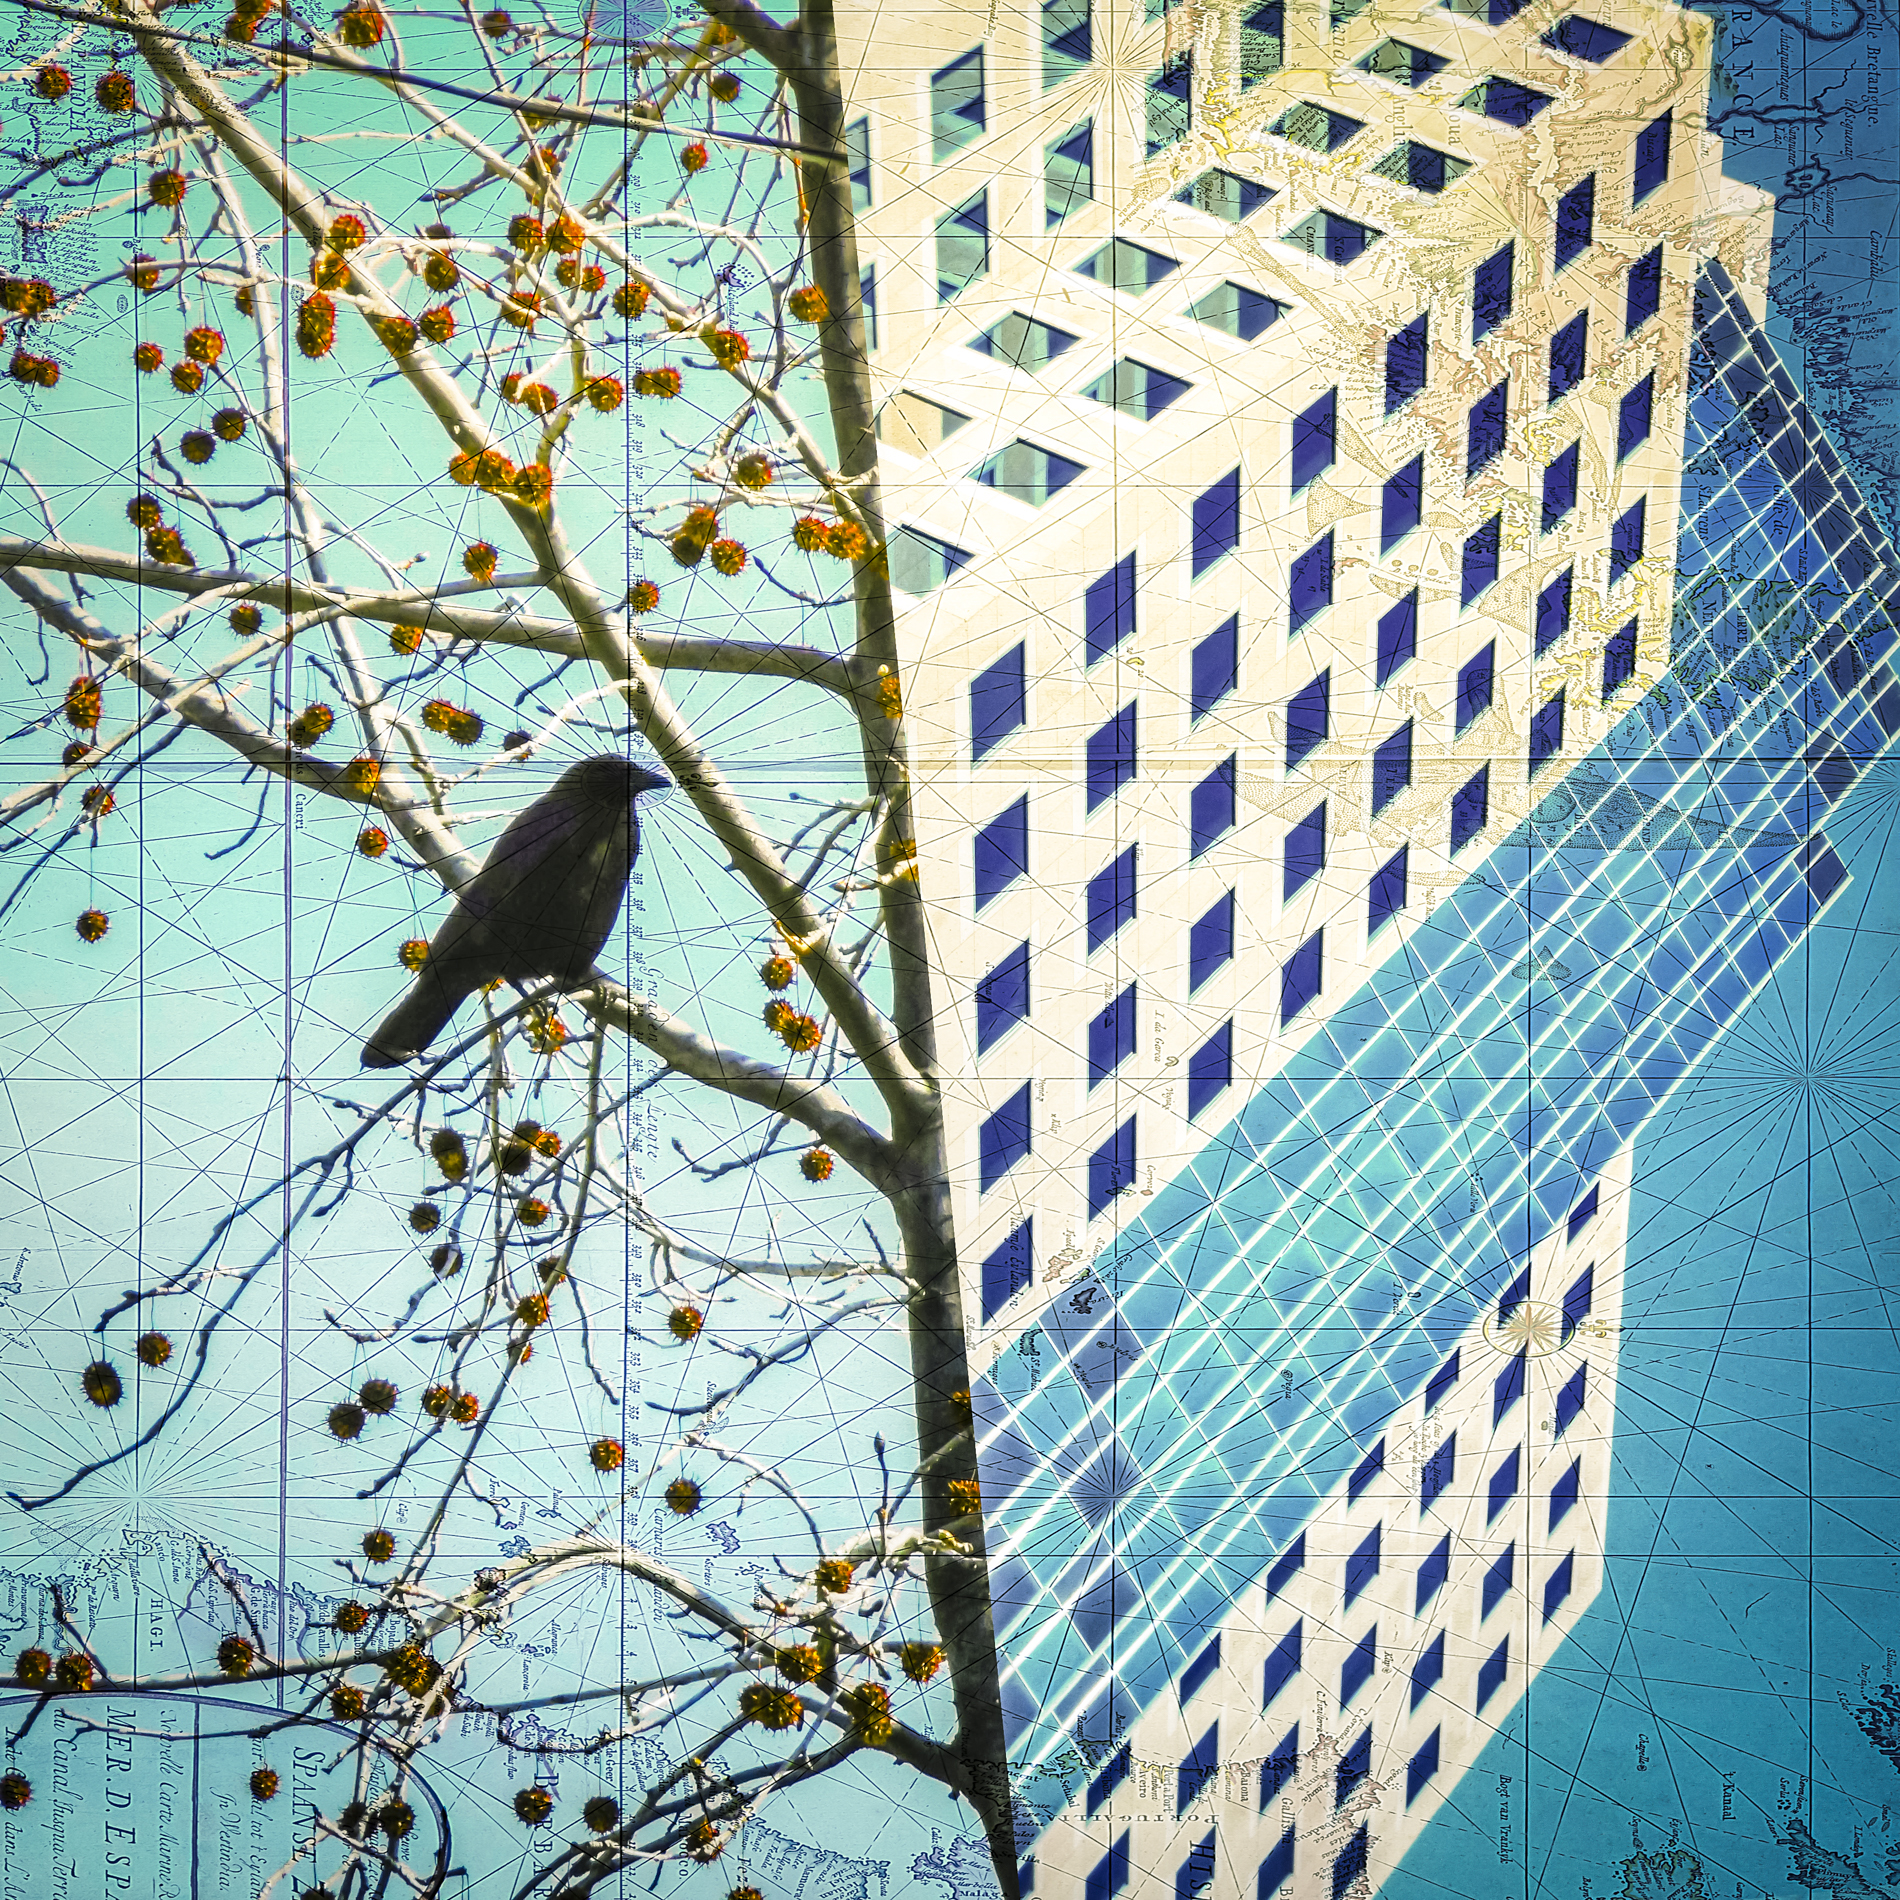 Crow Architecture_Bruce Burr - 1900x72pp